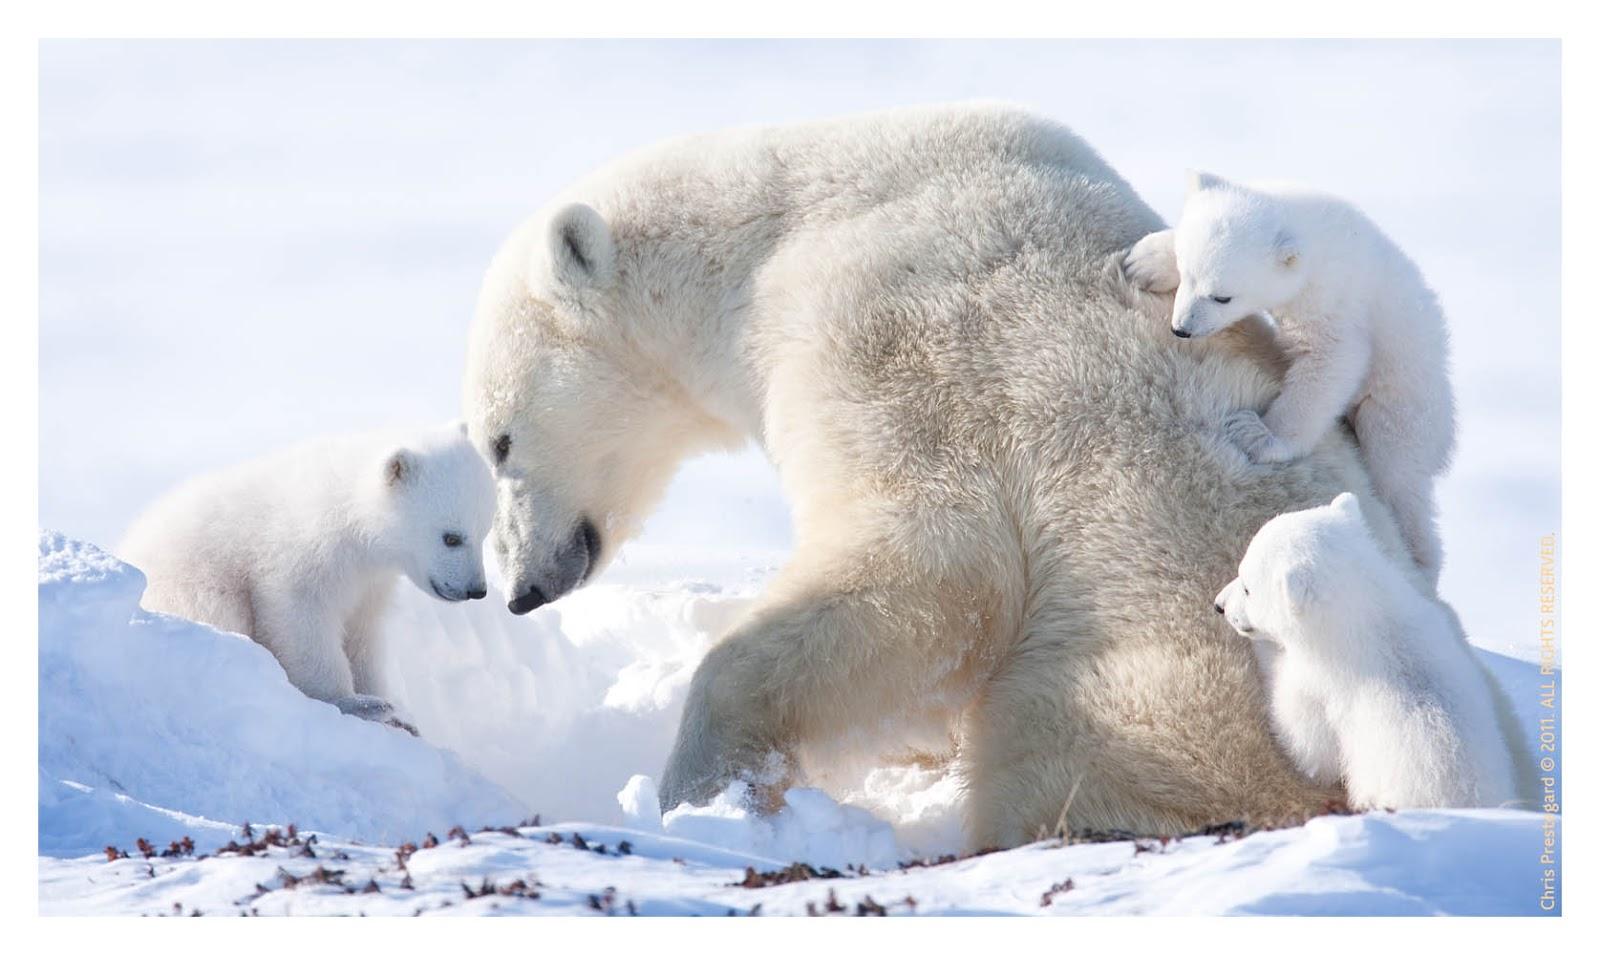 Beautiful Wallpapers Polar Bear Wallpaper-3223